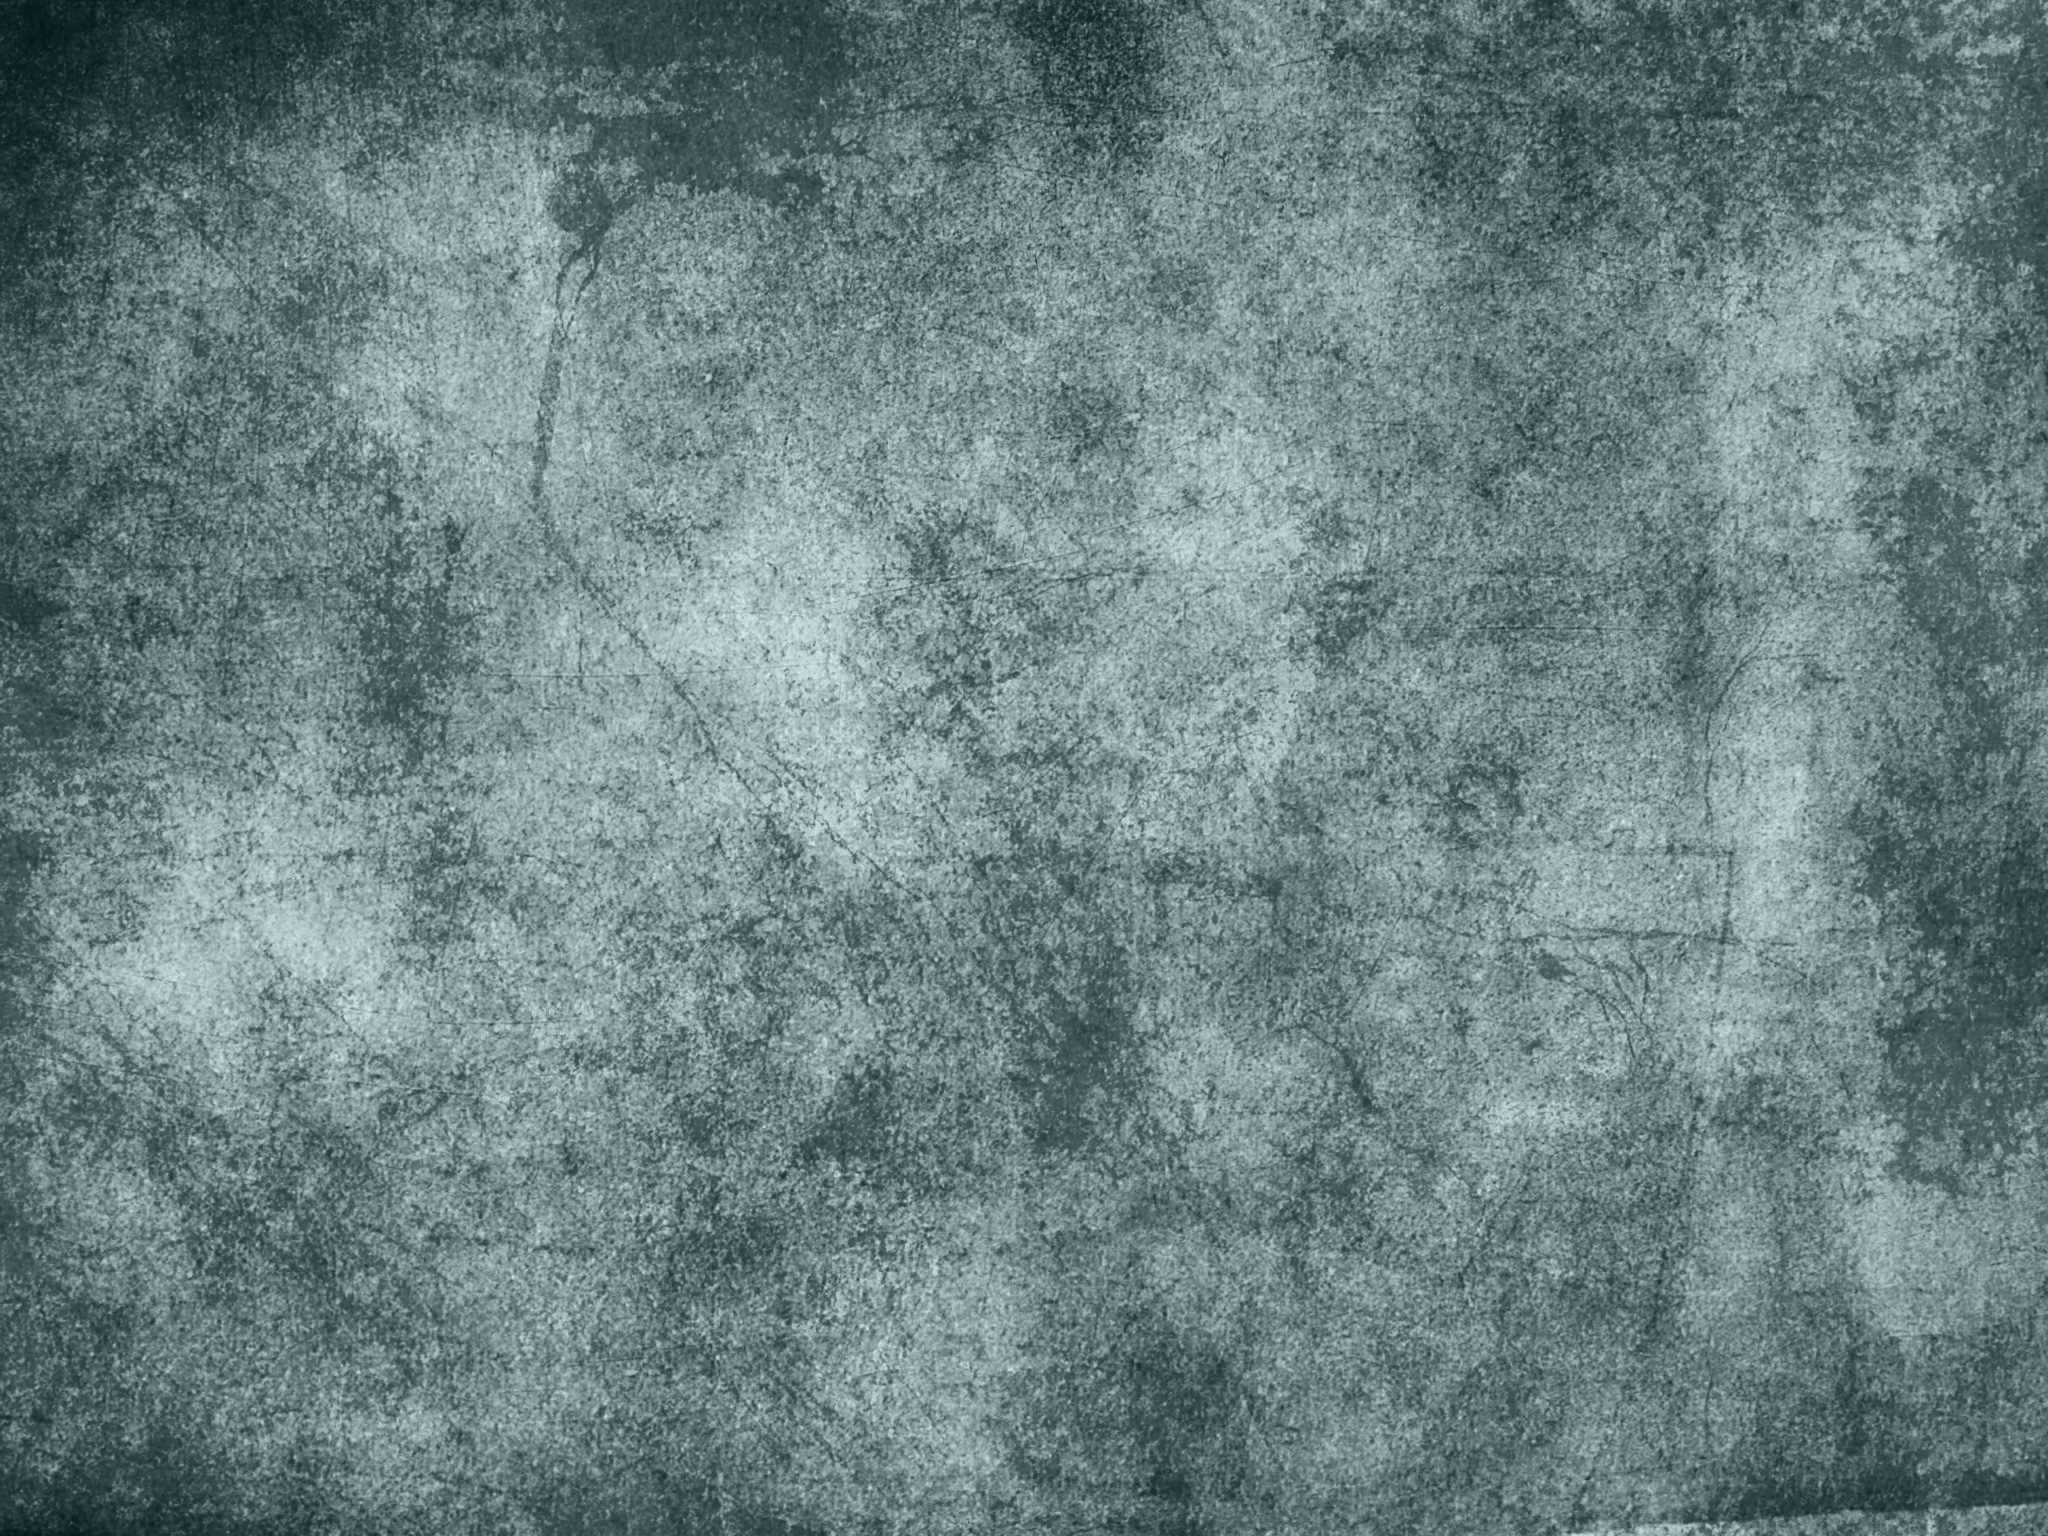 UNRESTRICTED - Digital Grunge Texture 16